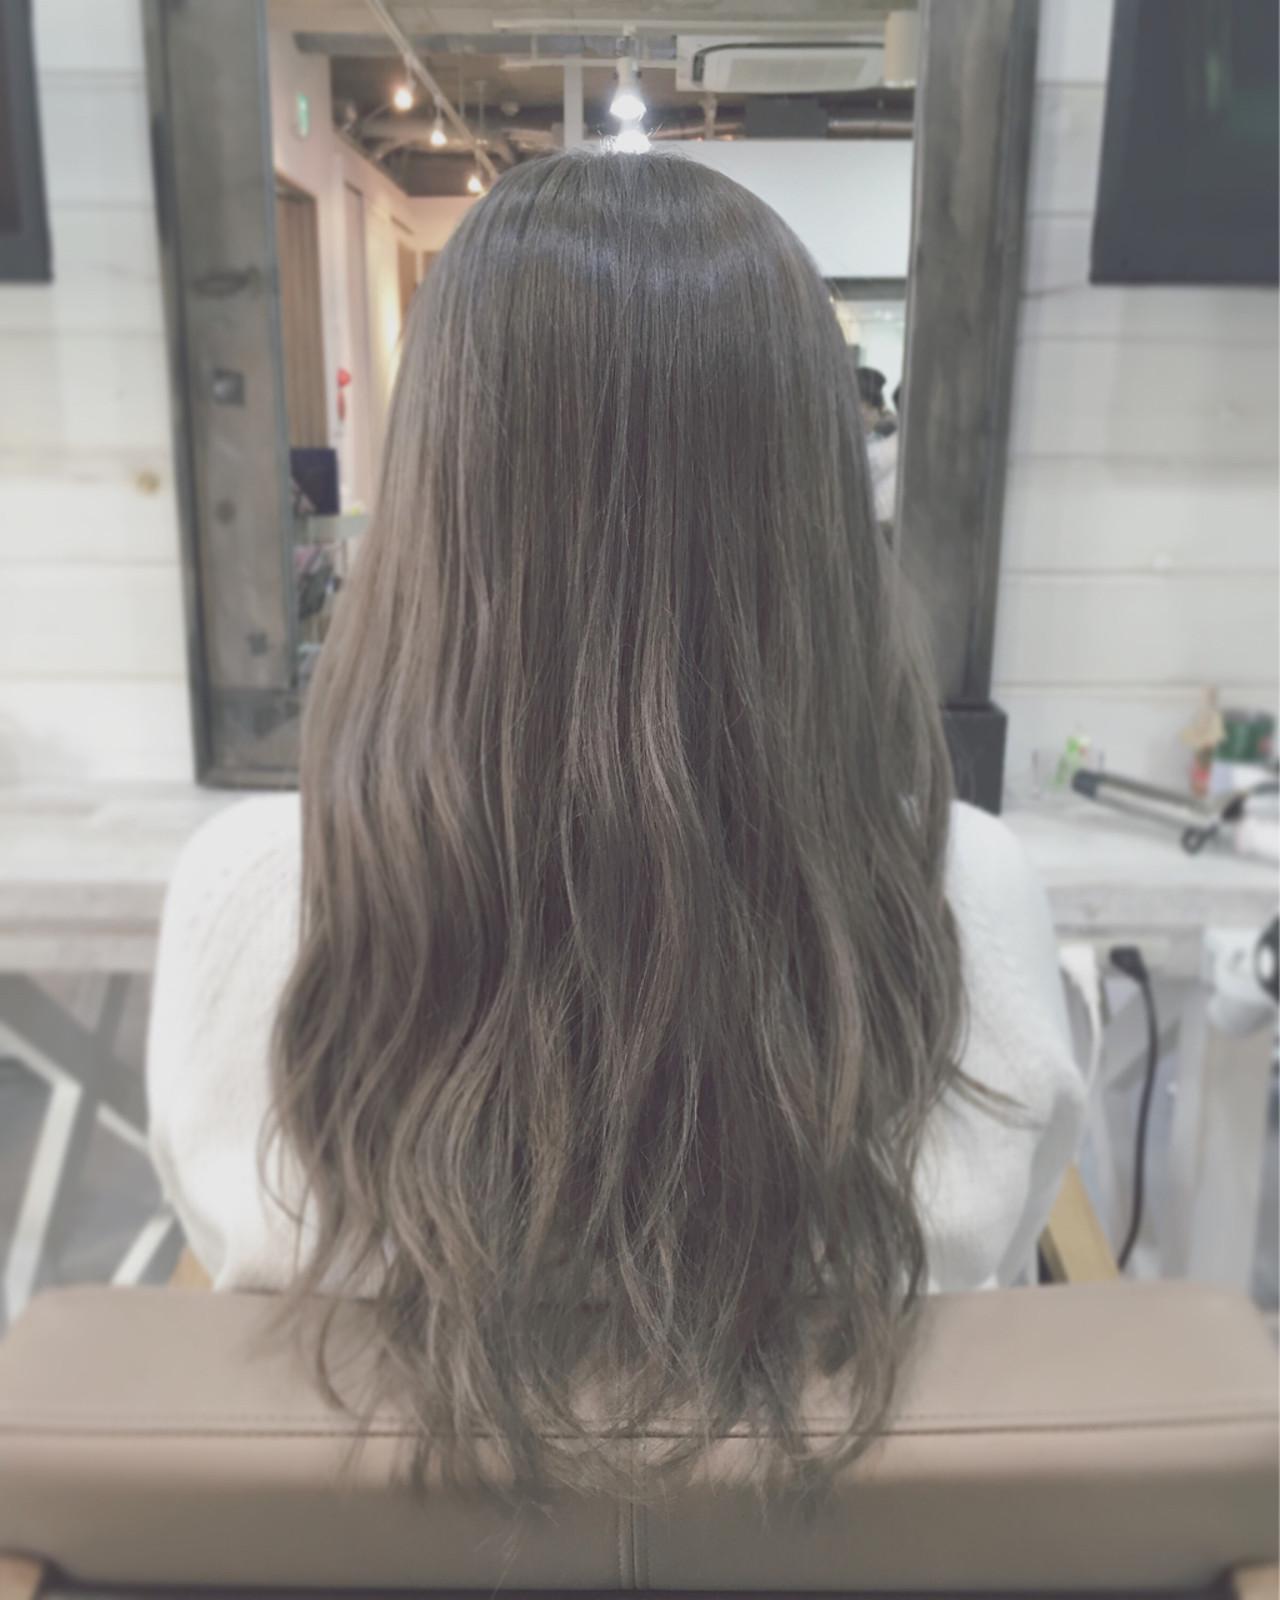 外国人風 アッシュ ストリート 大人かわいい ヘアスタイルや髪型の写真・画像 | 安達 優生 / U-REALM(ユーレルム)